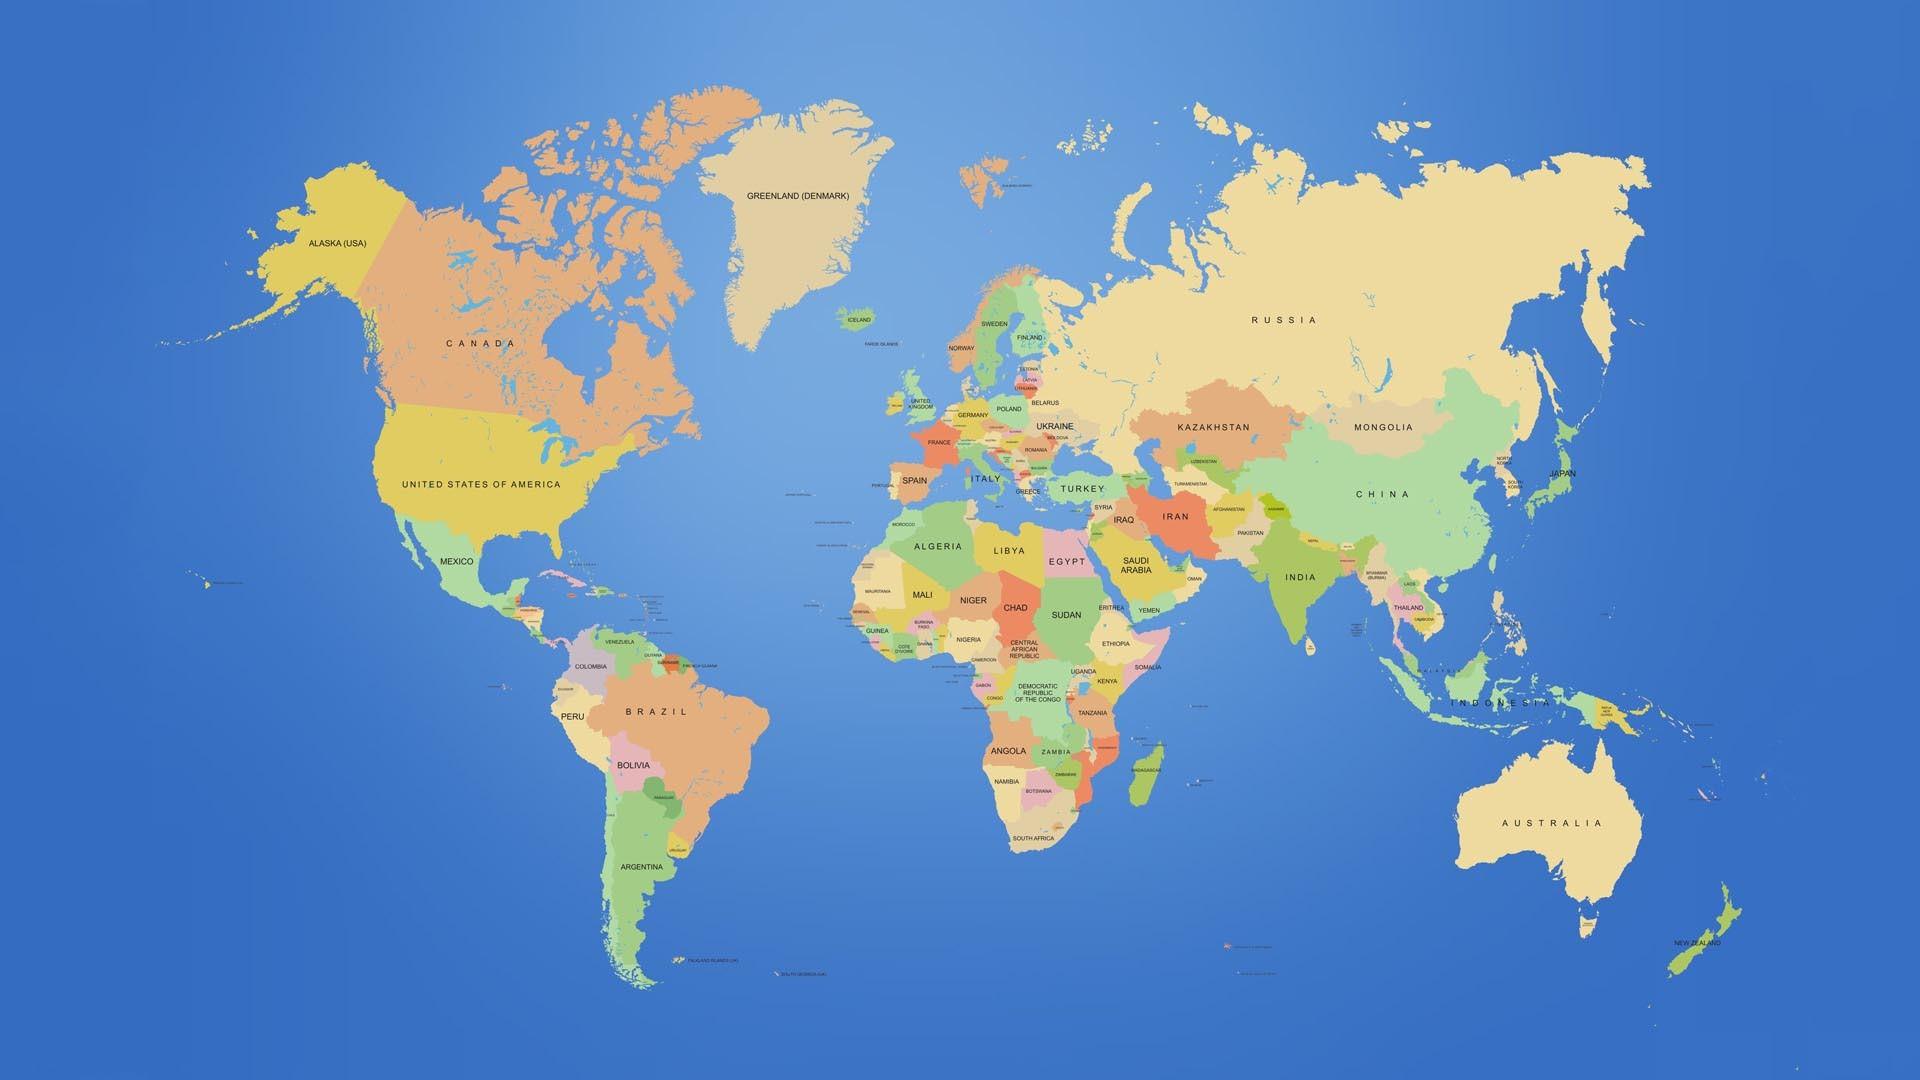 Music Girls Wallpaper Hd 1920x1080 World Map Desktop Wallpaper Hd 70 Images